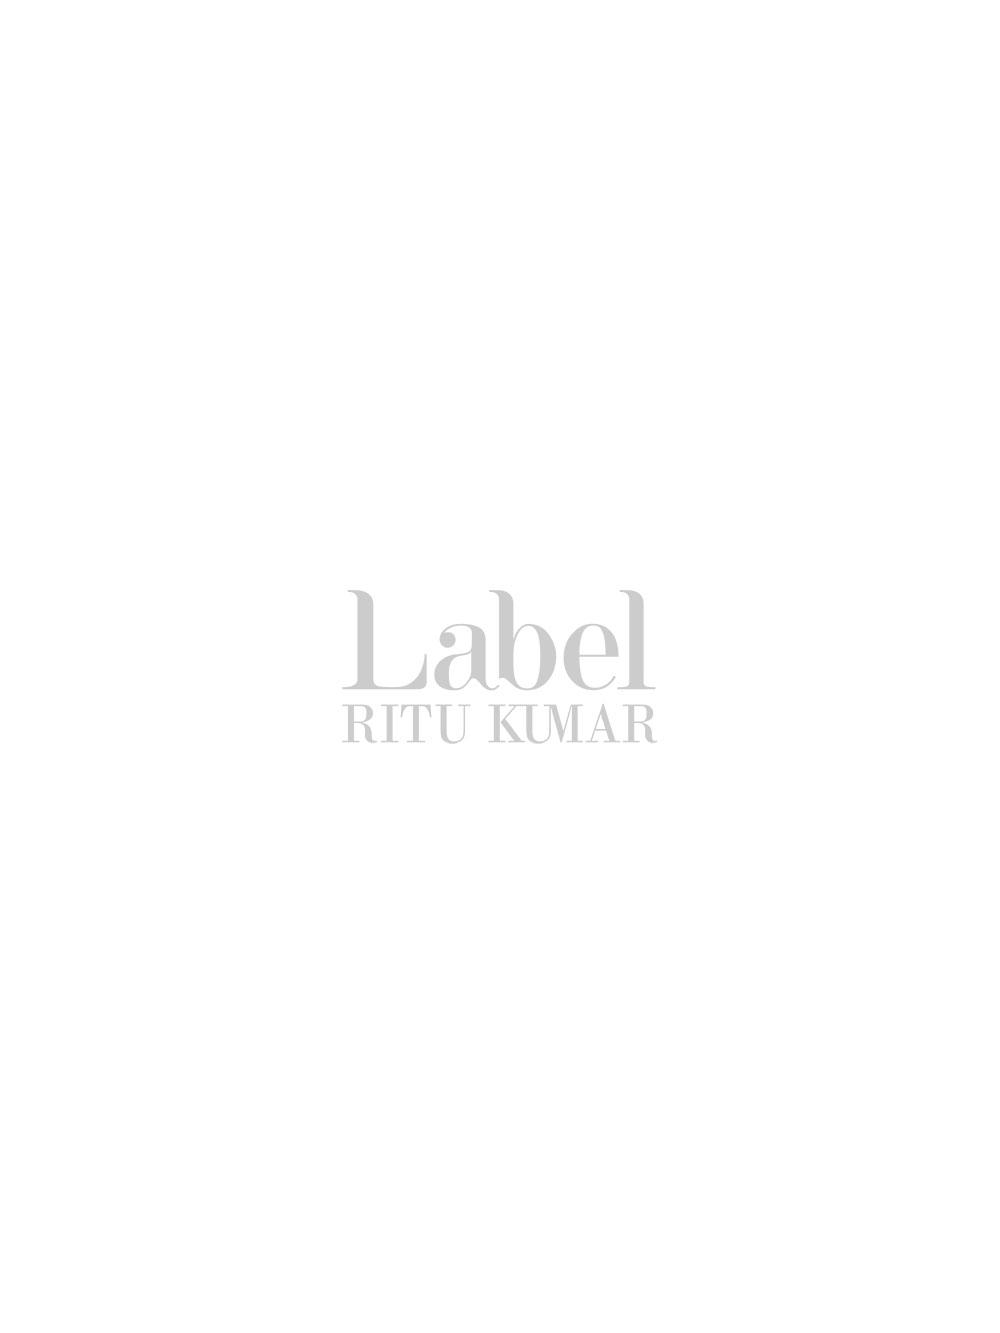 Black Full Sleeved Crop Top By Label Ritu Kumar